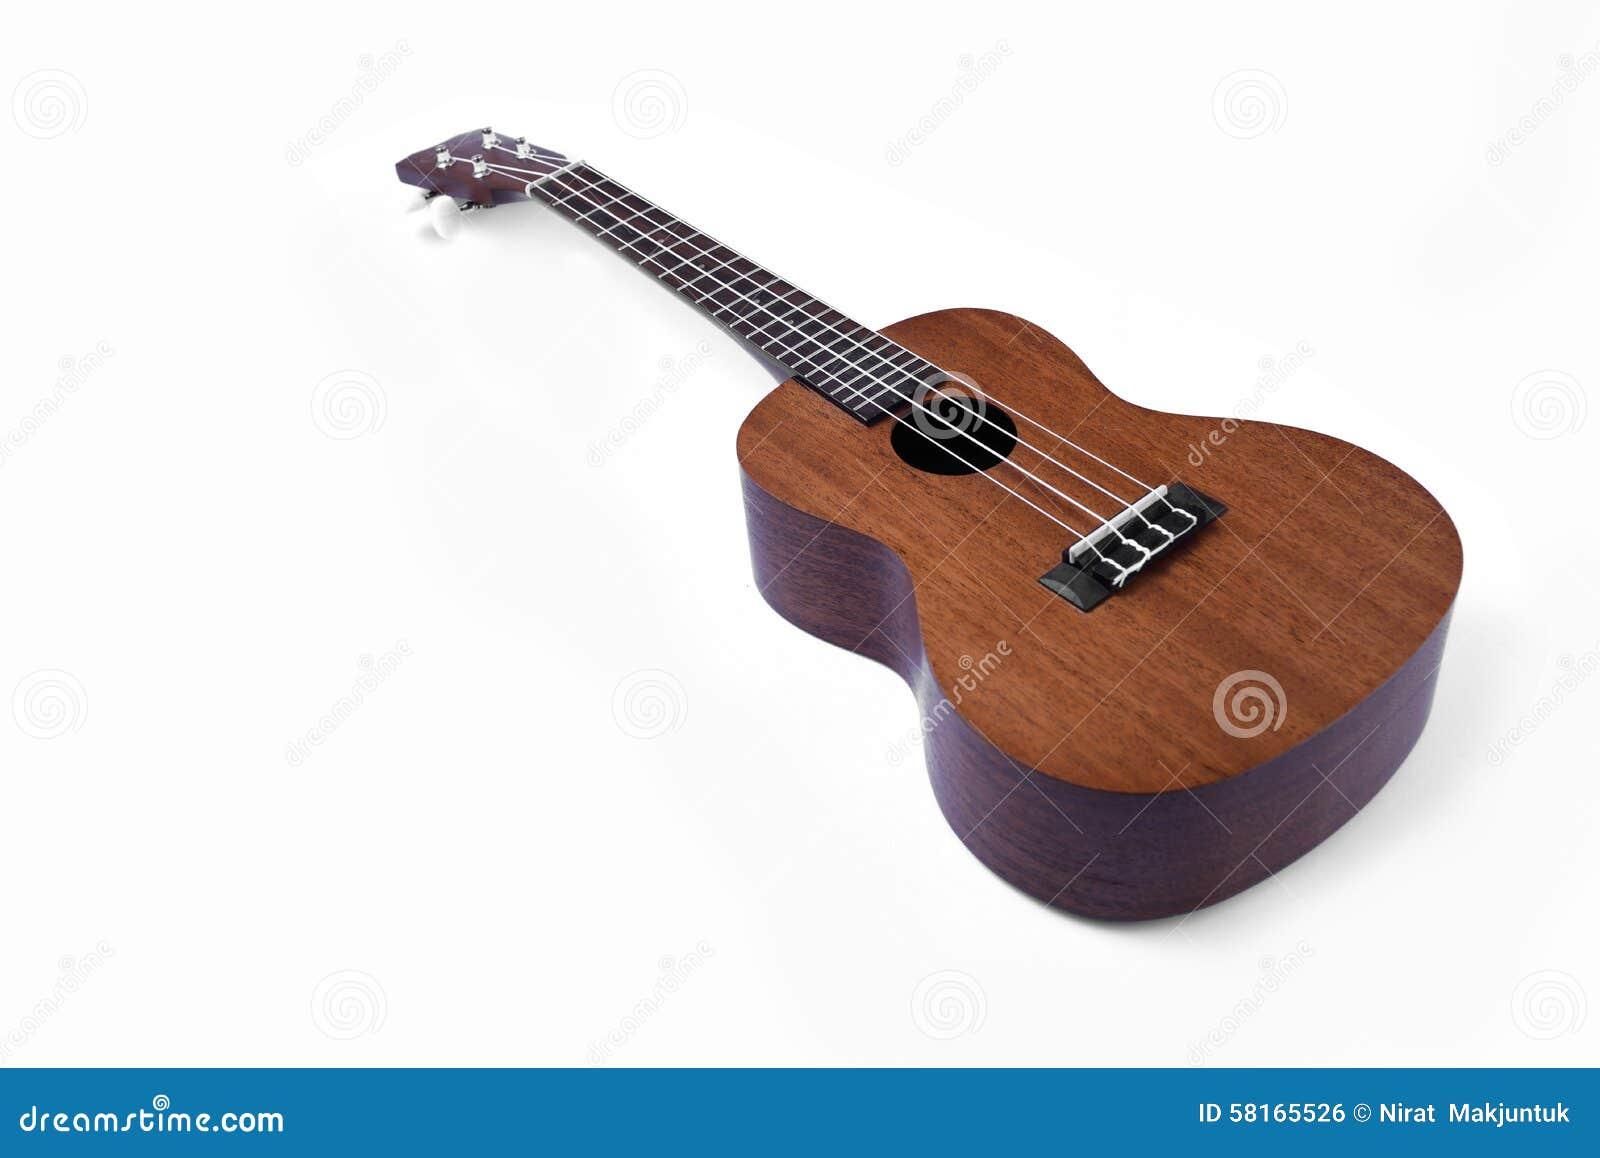 在空白背景查出的尤克里里琴吉他.图片